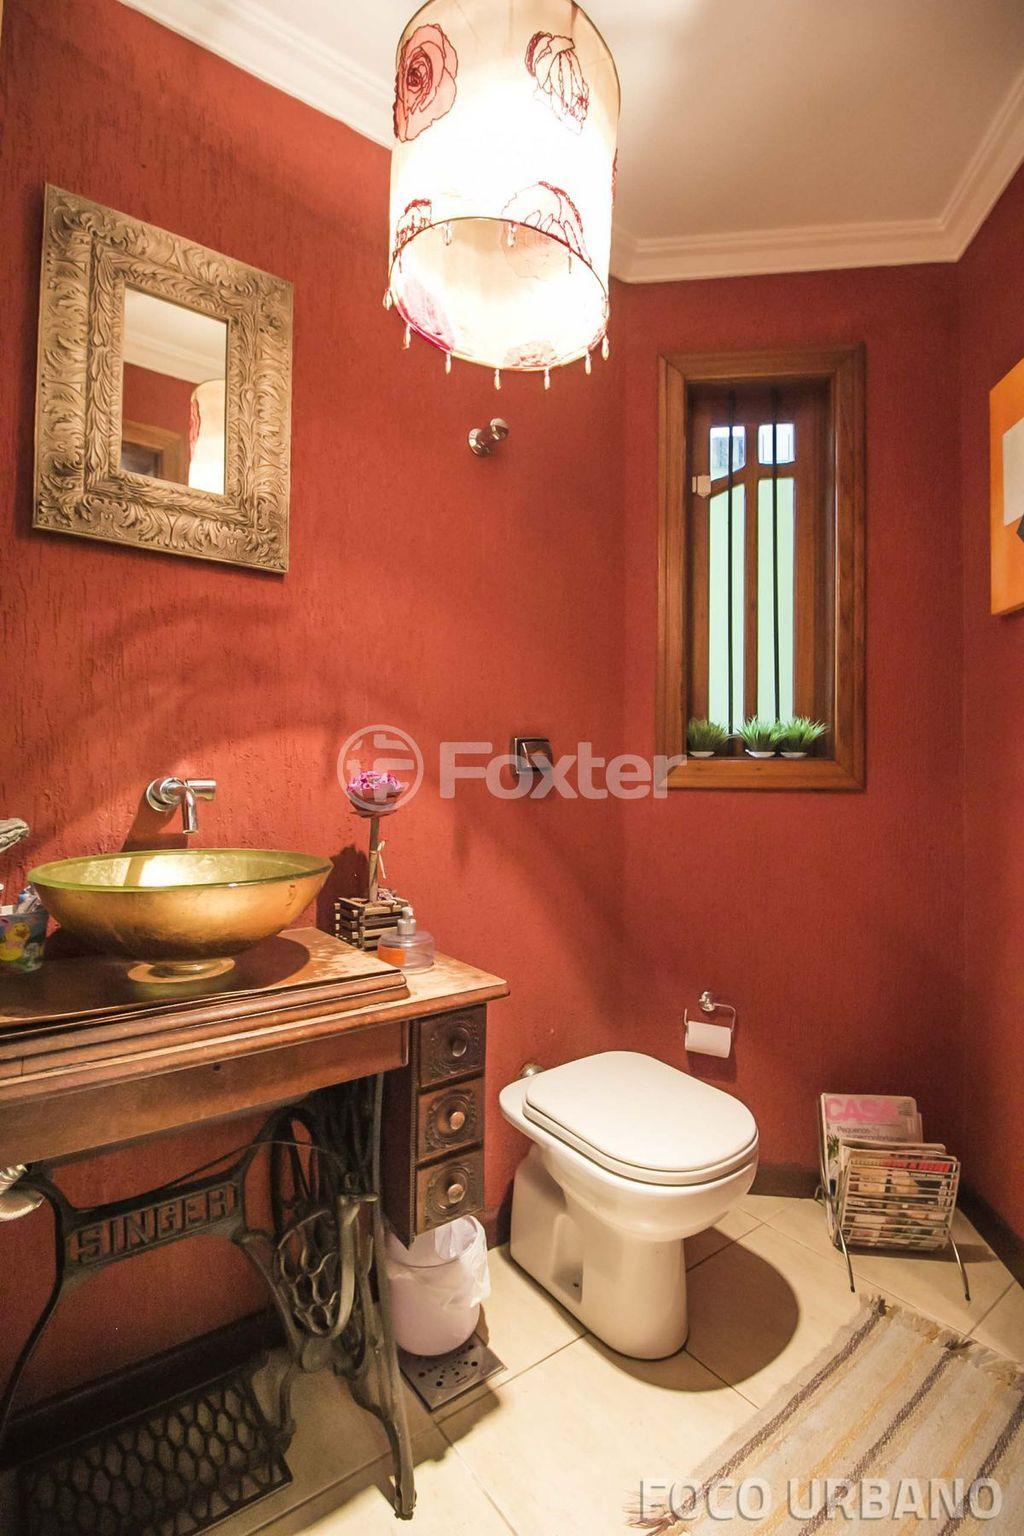 Foxter Imobiliária - Casa 4 Dorm, Rubem Berta - Foto 11